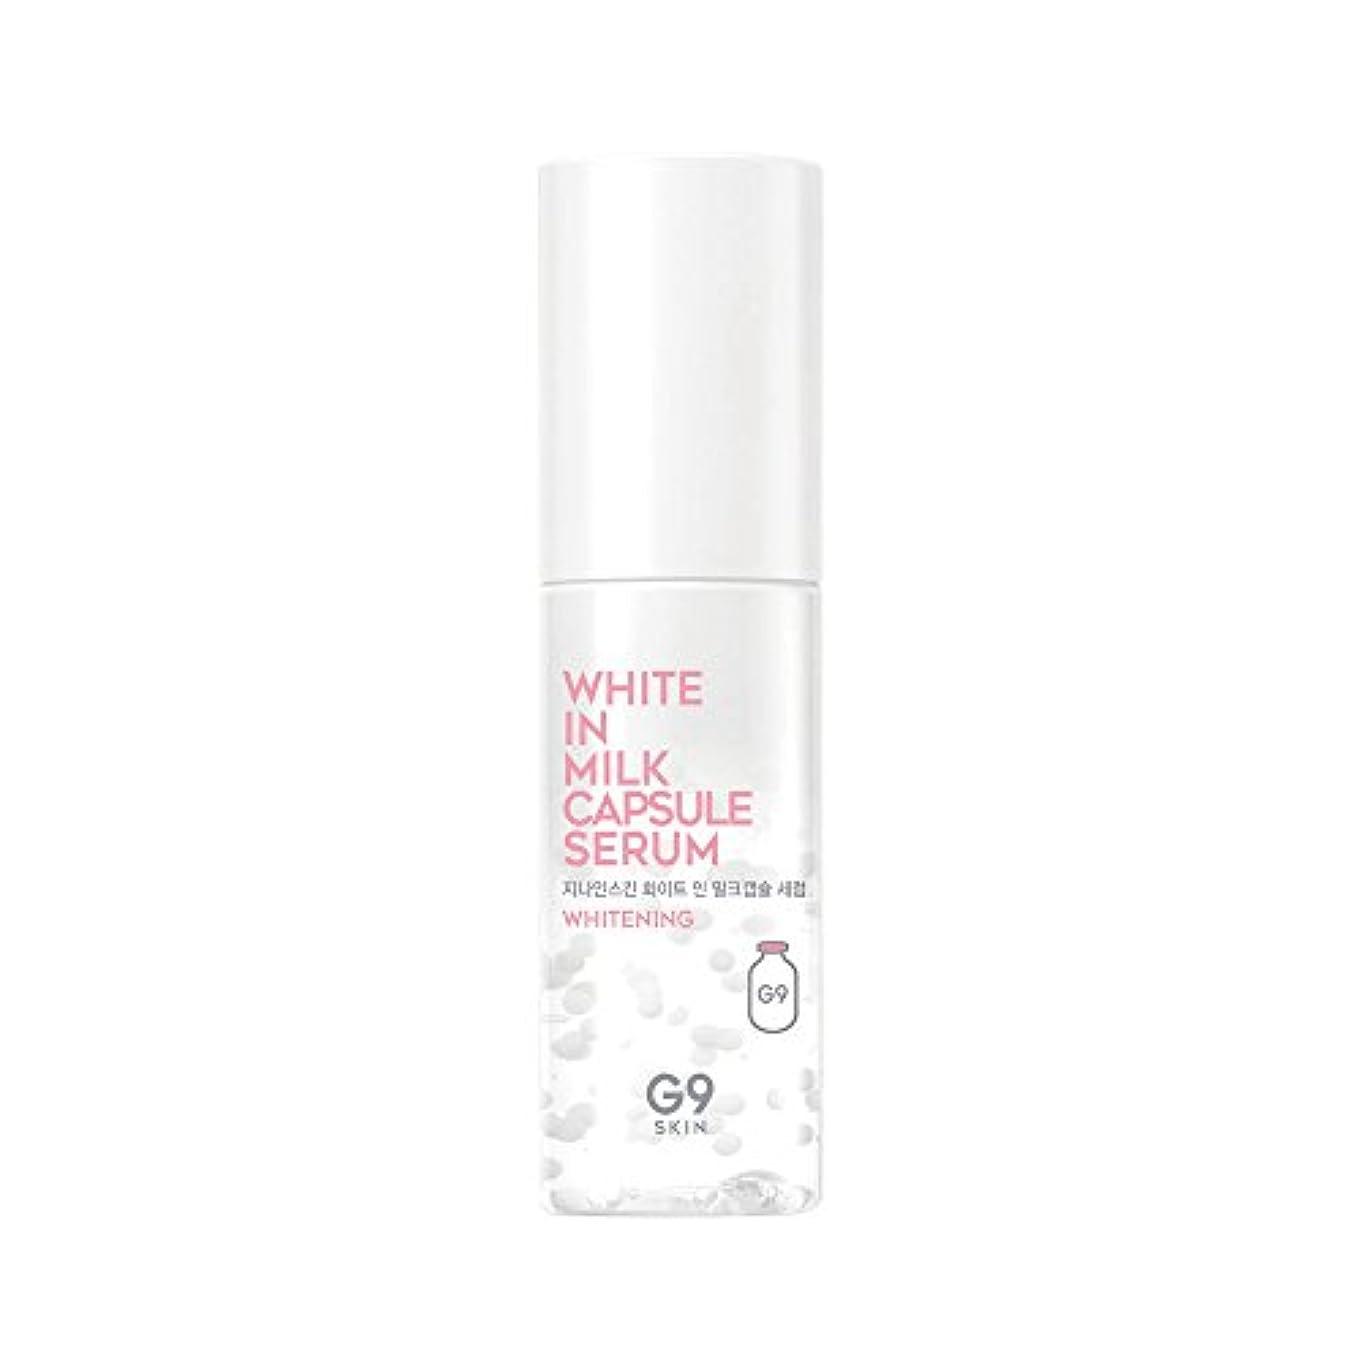 自分自身加害者十分G9SKIN(ベリサム) White In Milk Capsule Serum ホワイインミルクカプセルセラム 50ml